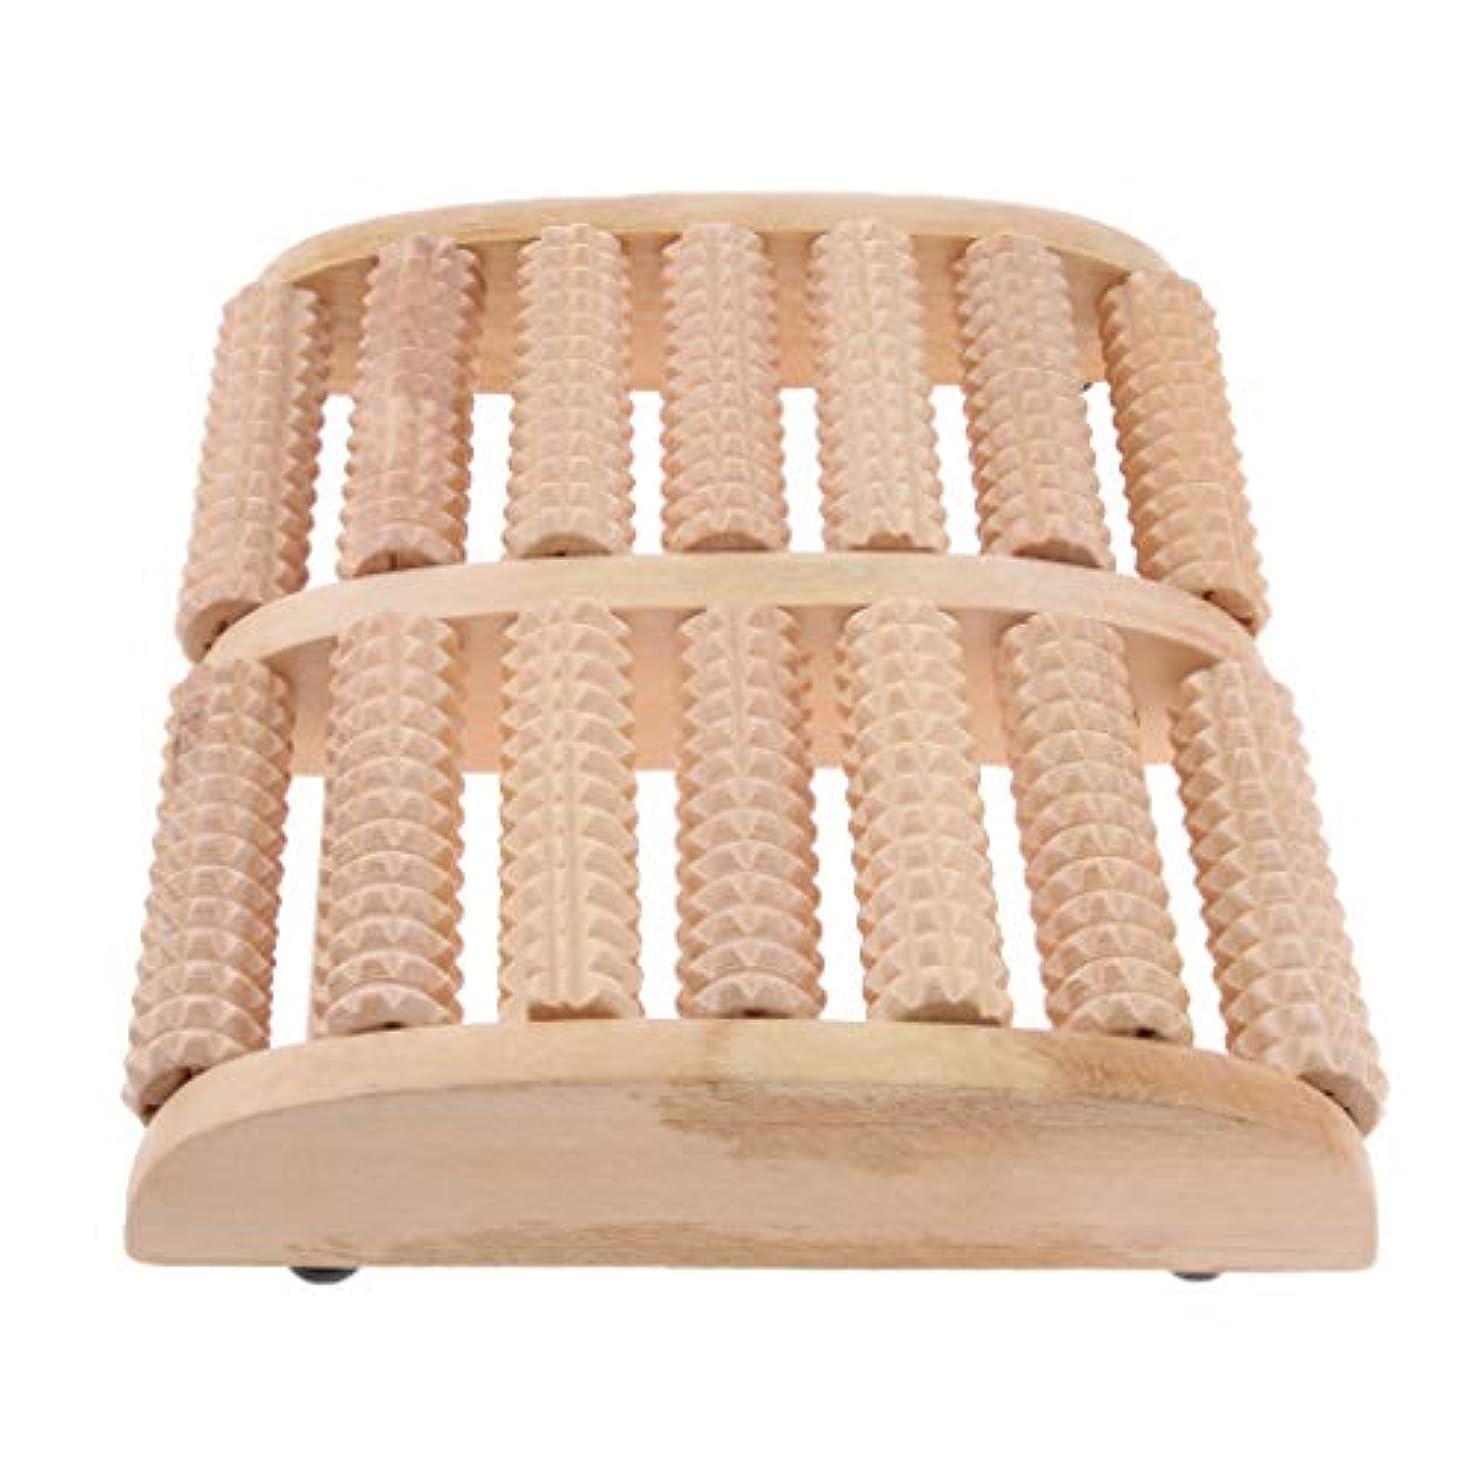 接続詞リハーサル蒸発IPOTCH マッサージローラー 7行 自然木製 足踏み フットマッサージ ツボ押し 痛み緩和 健康器具 高品質